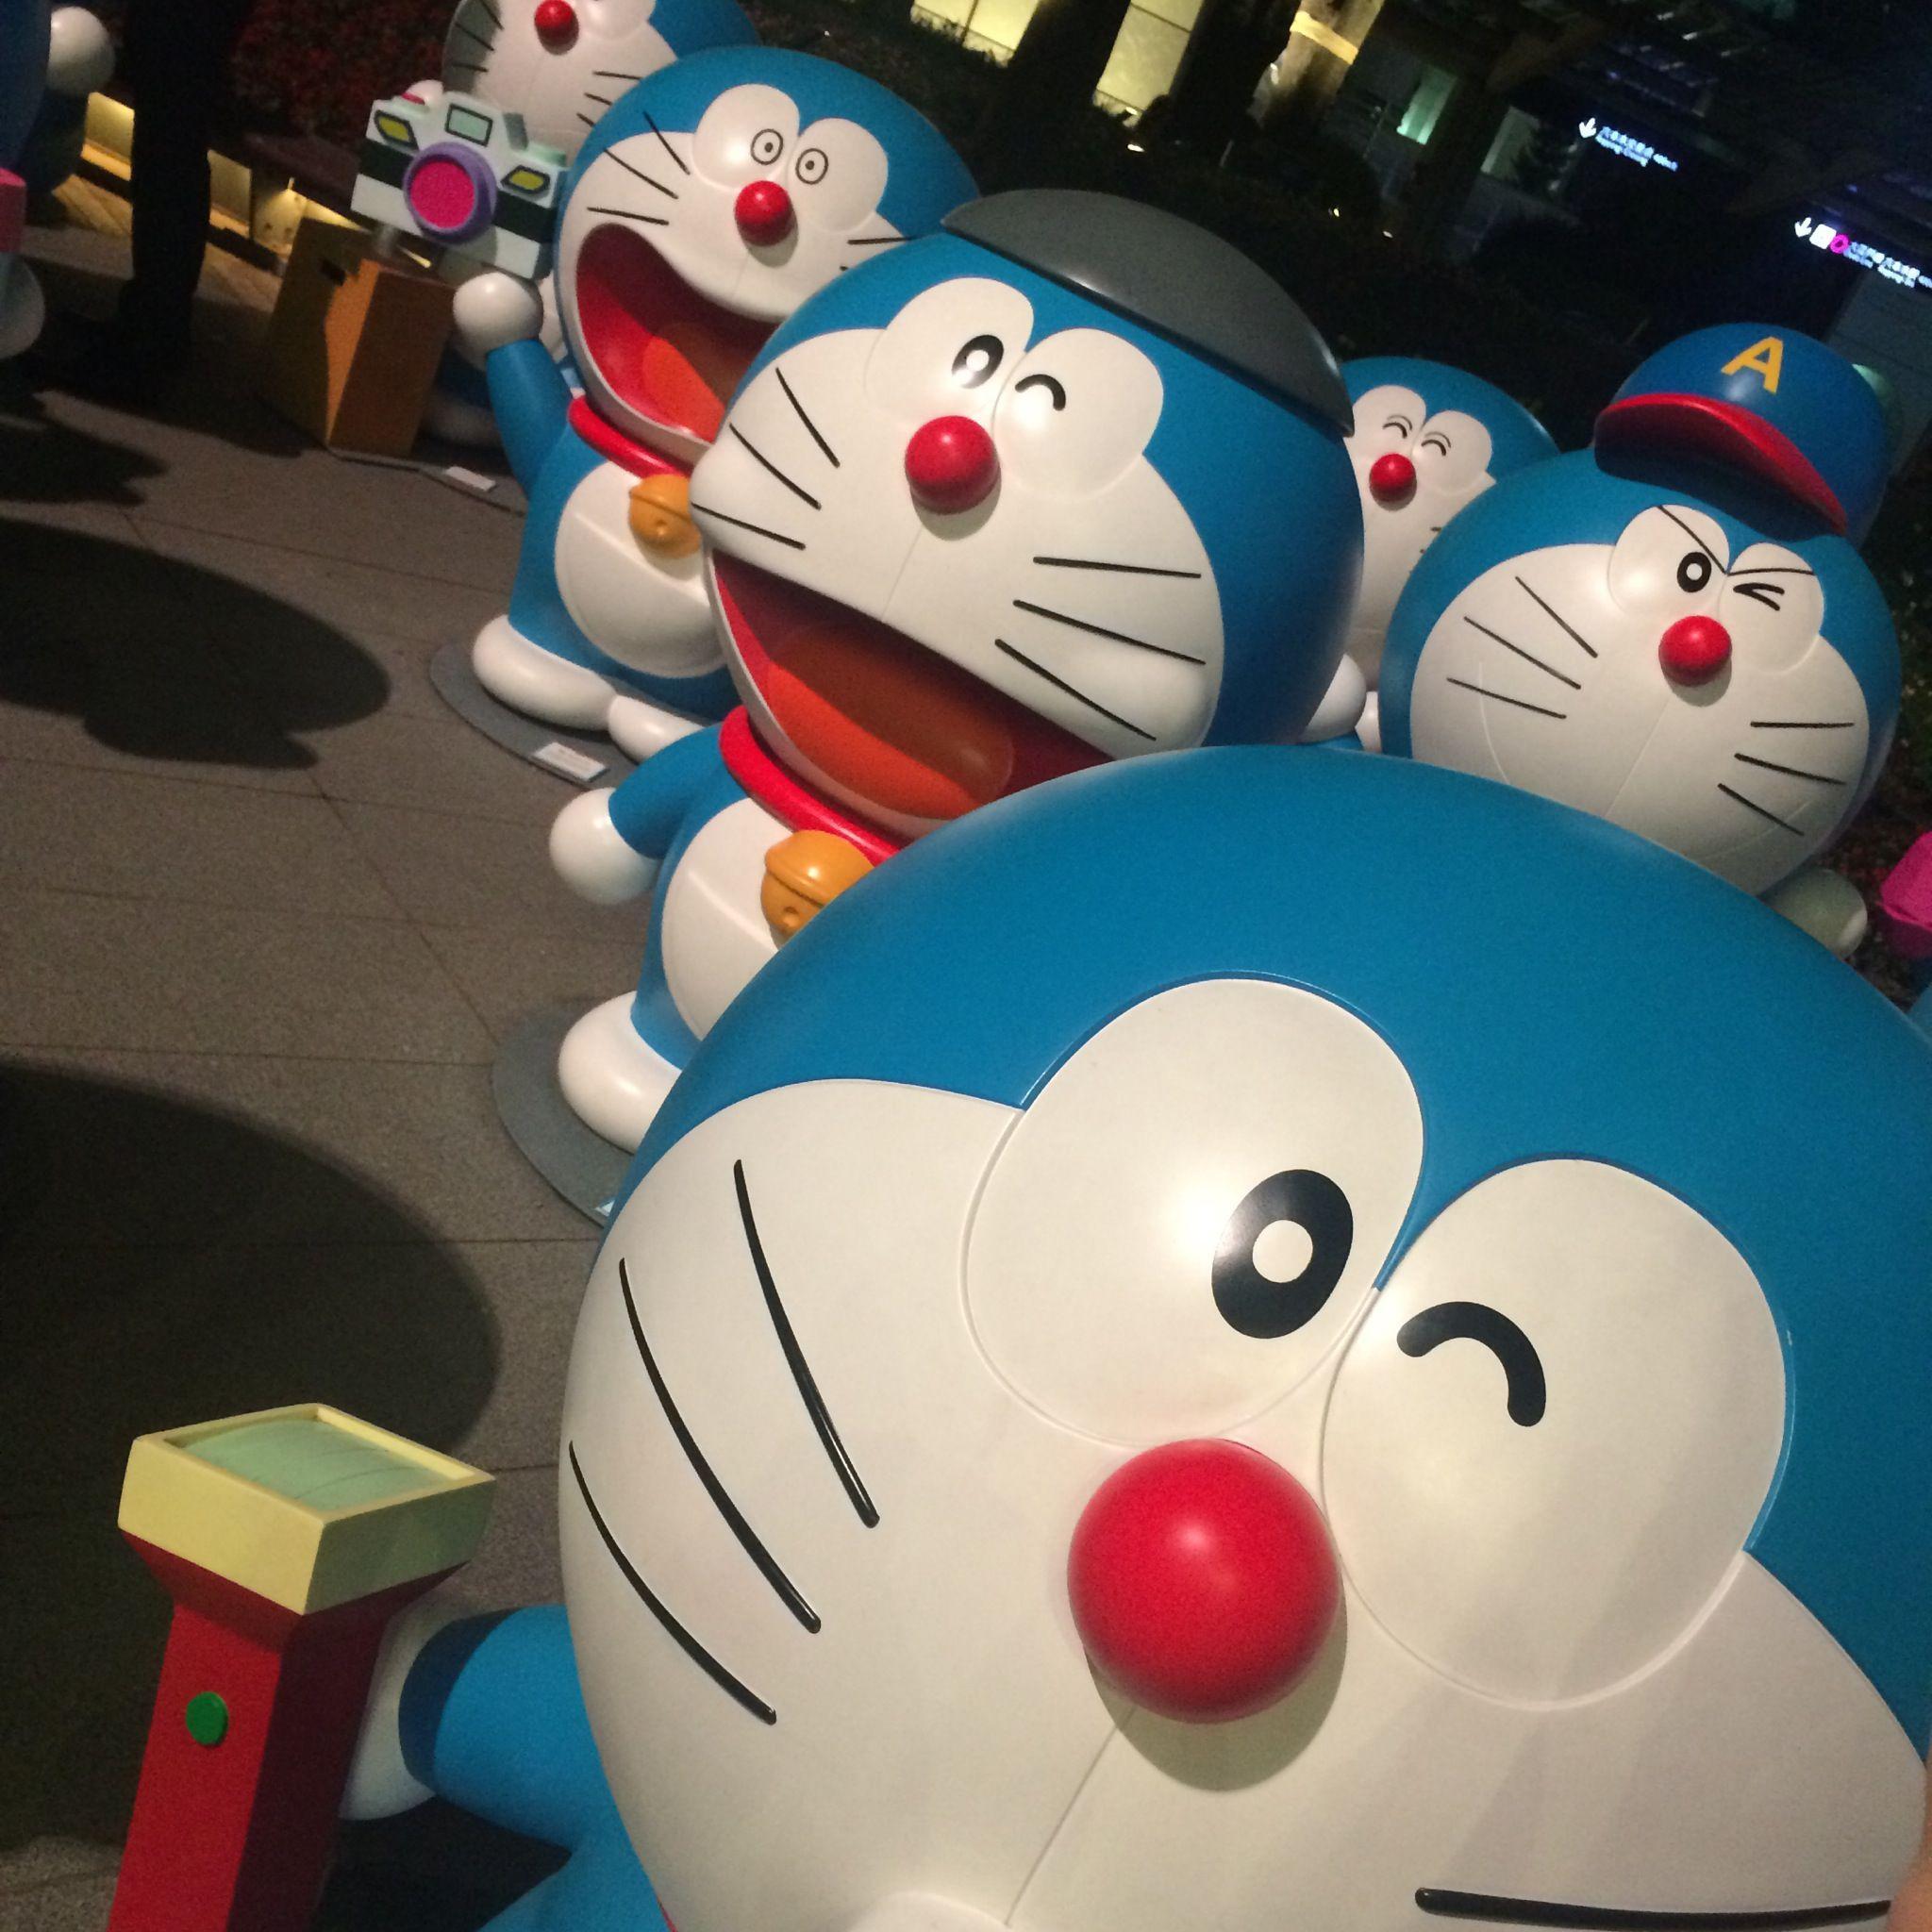 2048x2048 Img 5613 - Jpg - Doraemon Stand By Me 3D, Tải xuống hình nền